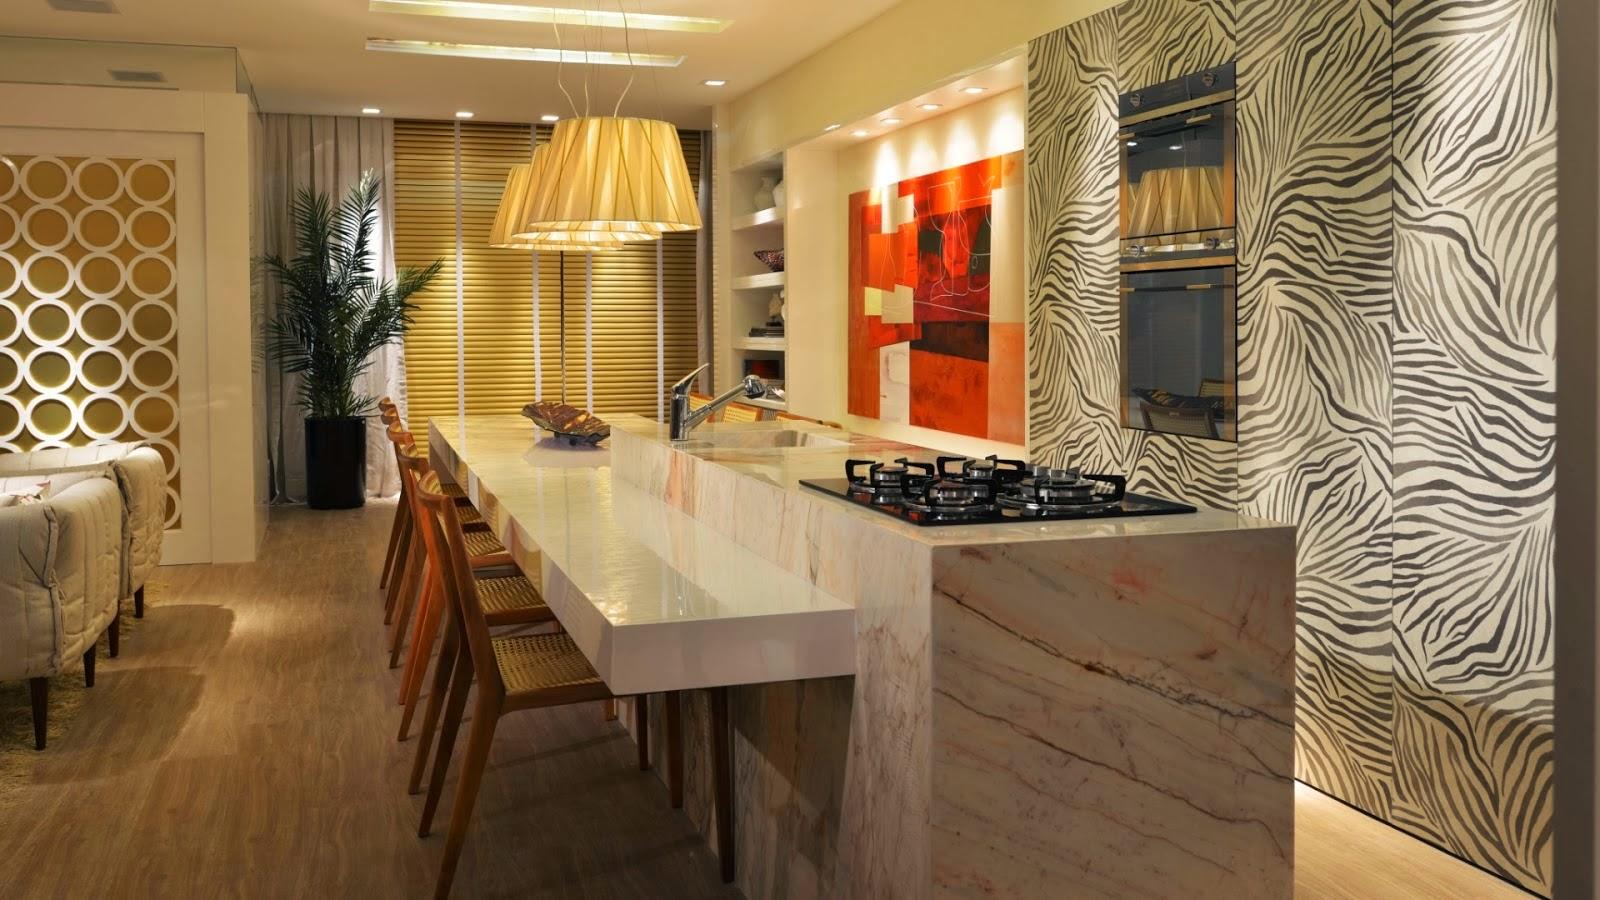 Cozinhas com ilhas – veja dicas   30 modelos de ilhas de cocção e  #C23709 1600 900